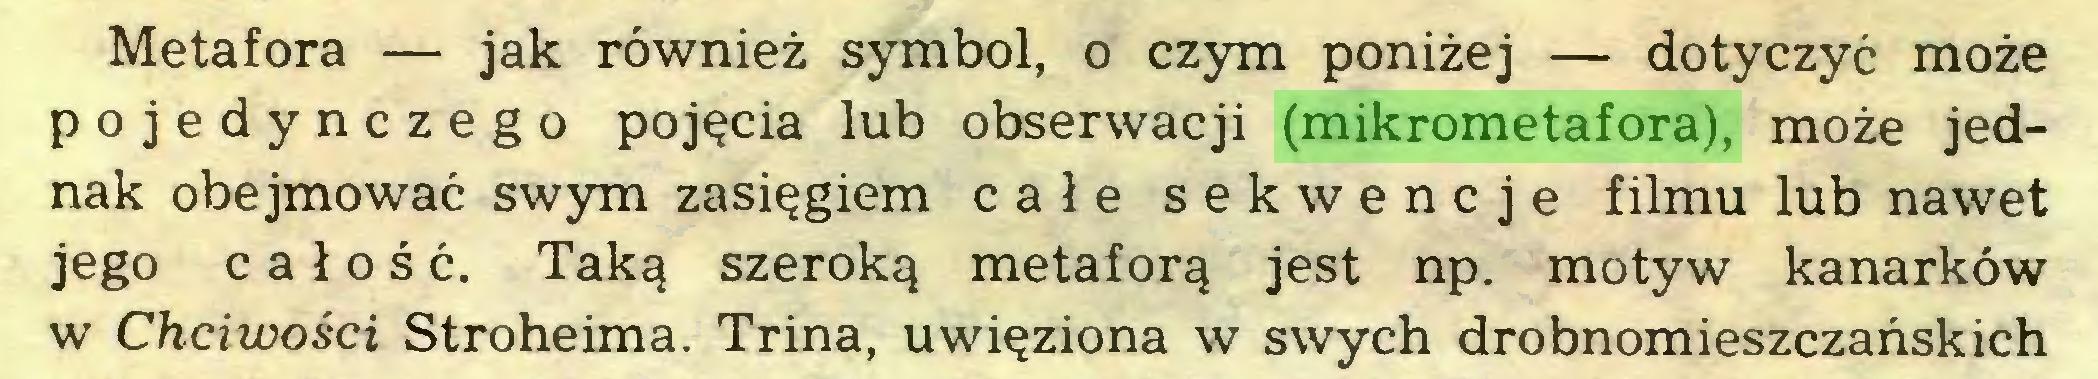 (...) Metafora — jak również symbol, o czym poniżej — dotyczyć może pojedynczego pojęcia lub obserwacji (mikrometafora), może jednak obejmować swym zasięgiem całe sekwencje filmu lub nawet jego całość. Taką szeroką metaforą jest np. motyw kanarków w Chciwości Stroheima. Trina, uwięziona w swych drobnomieszczańskich...